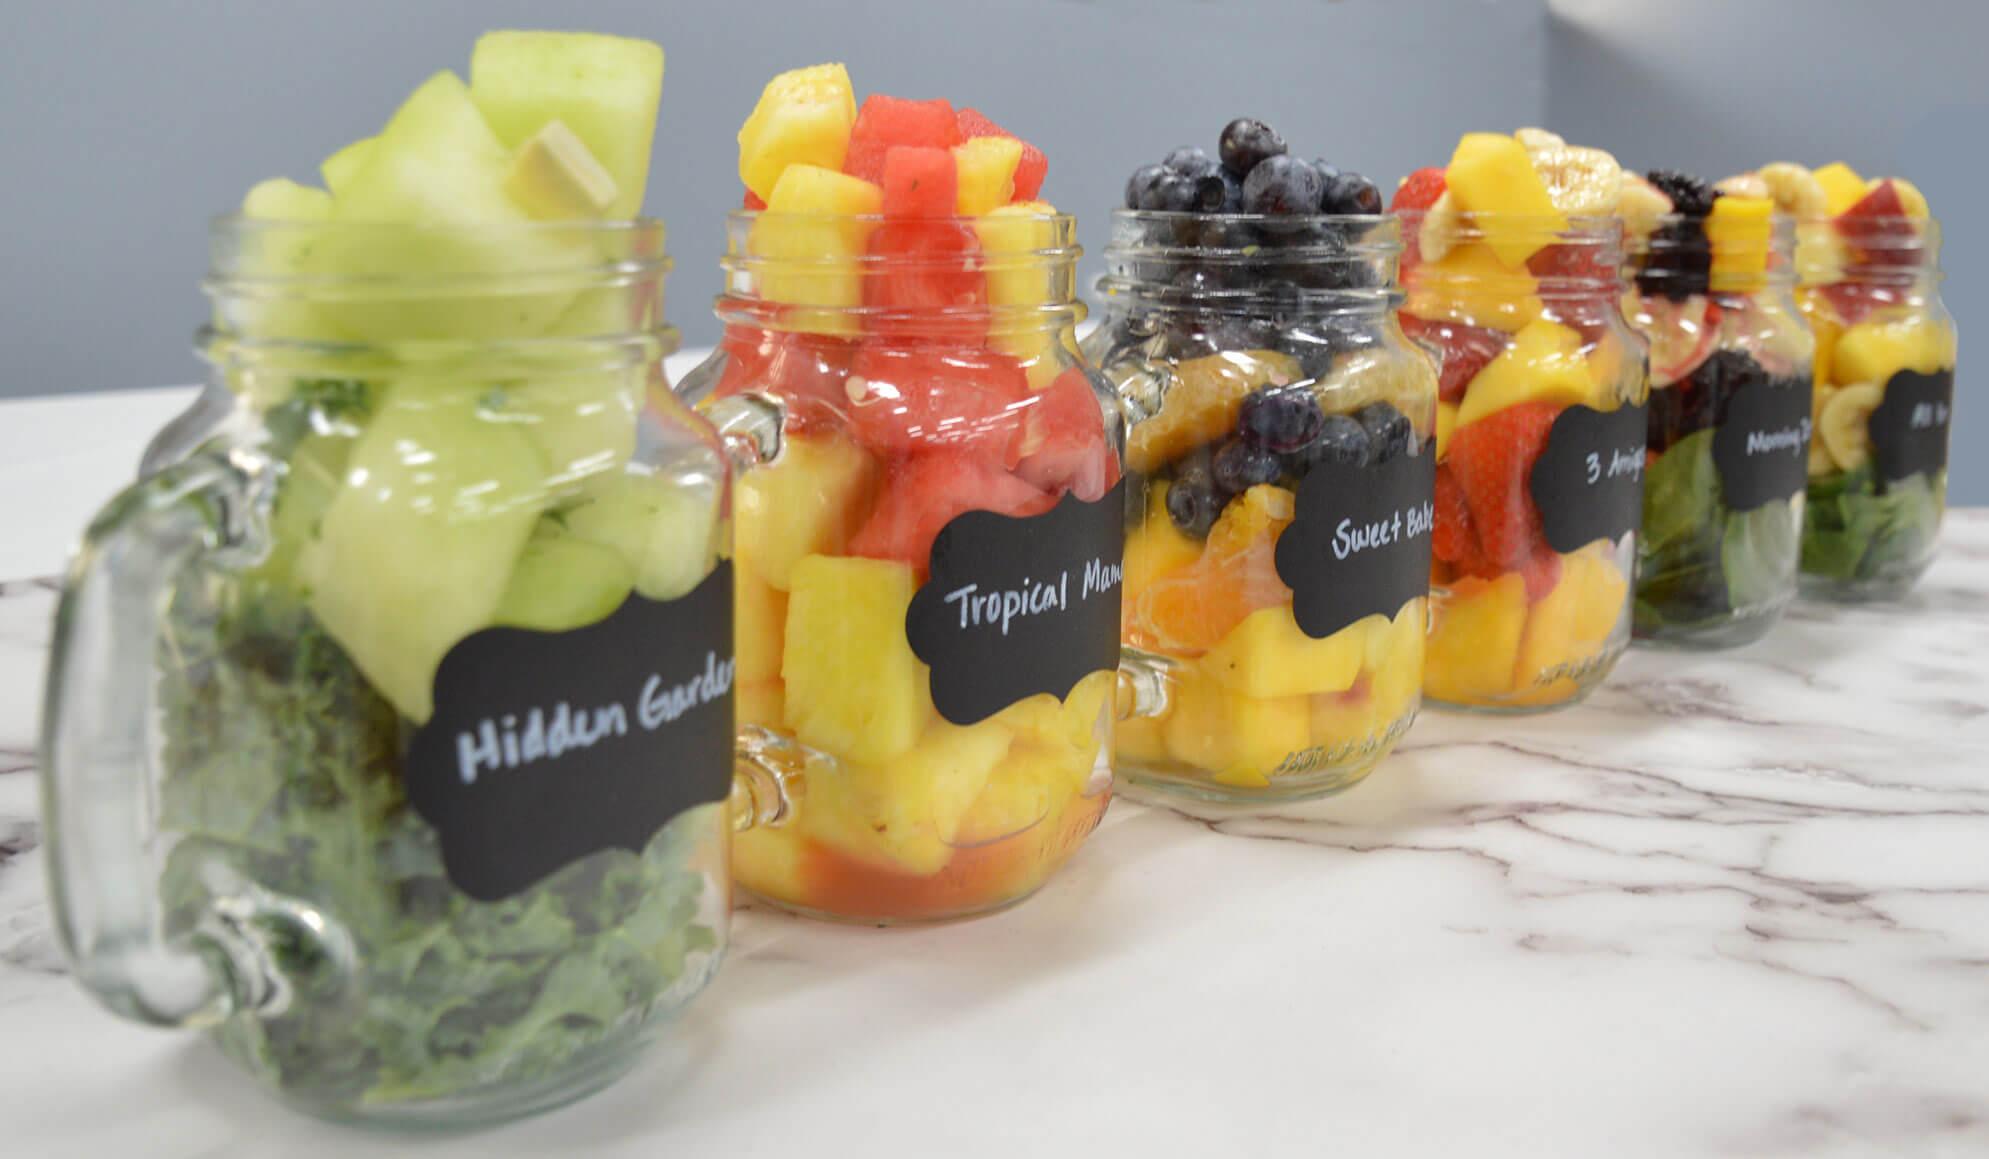 Produce Mash in jars